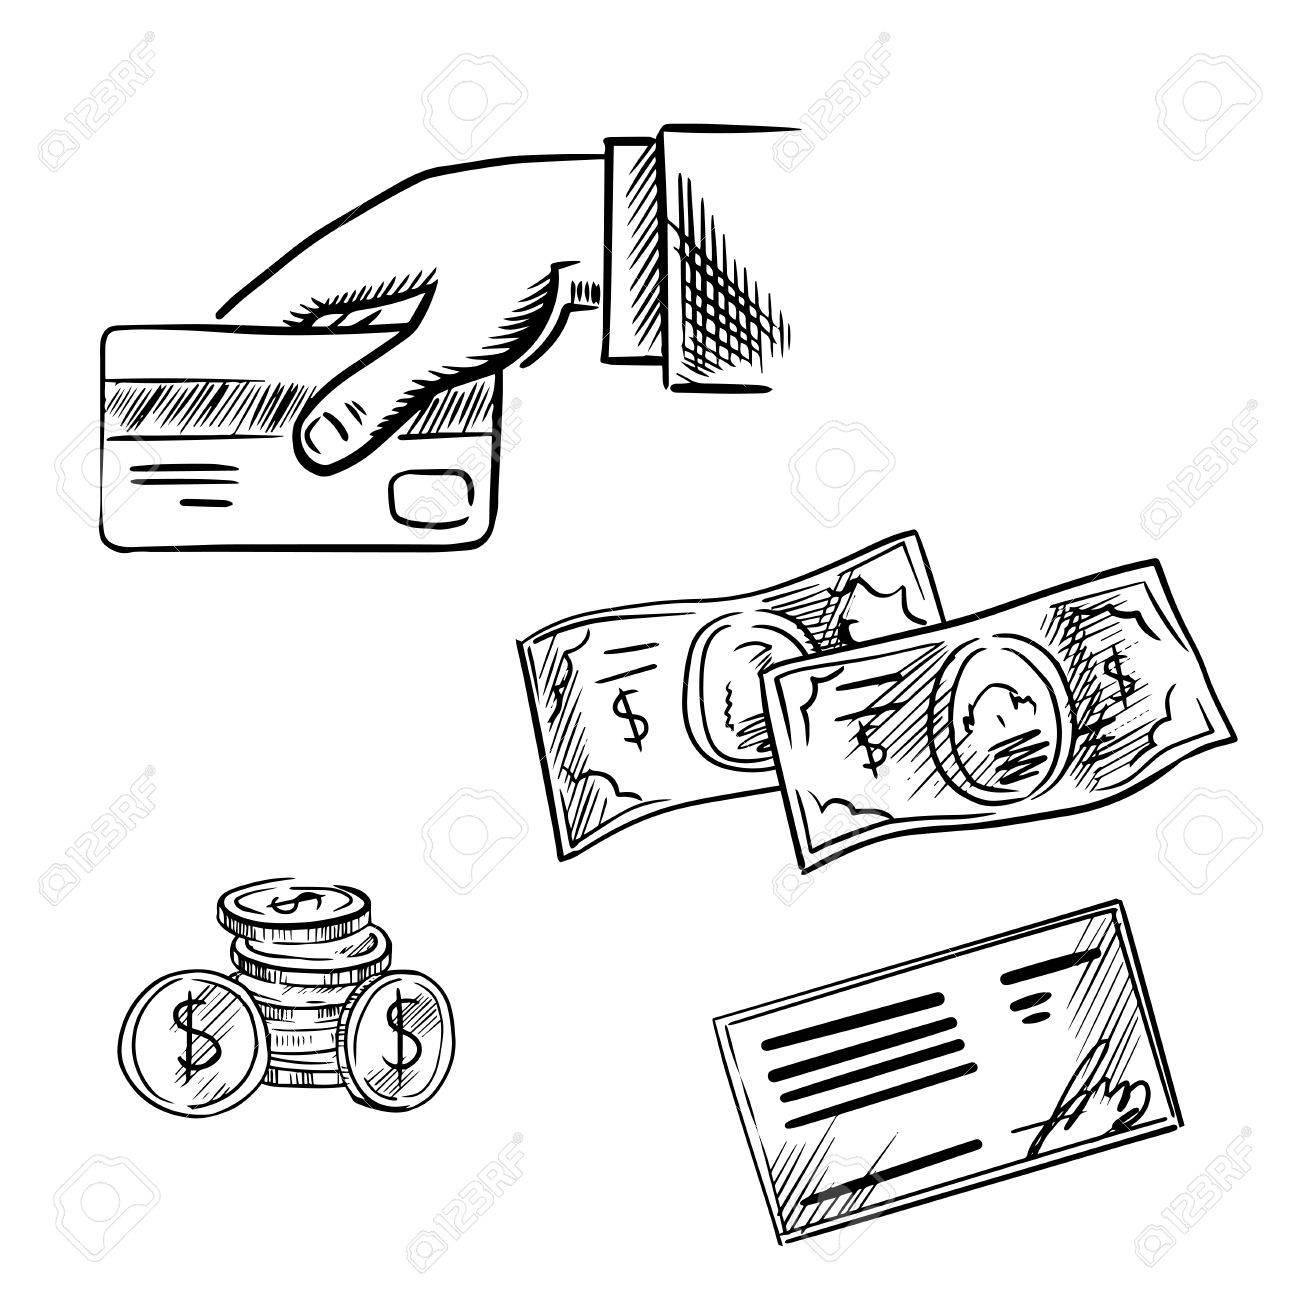 Bank clipart sketch. Dollar bill drawing at